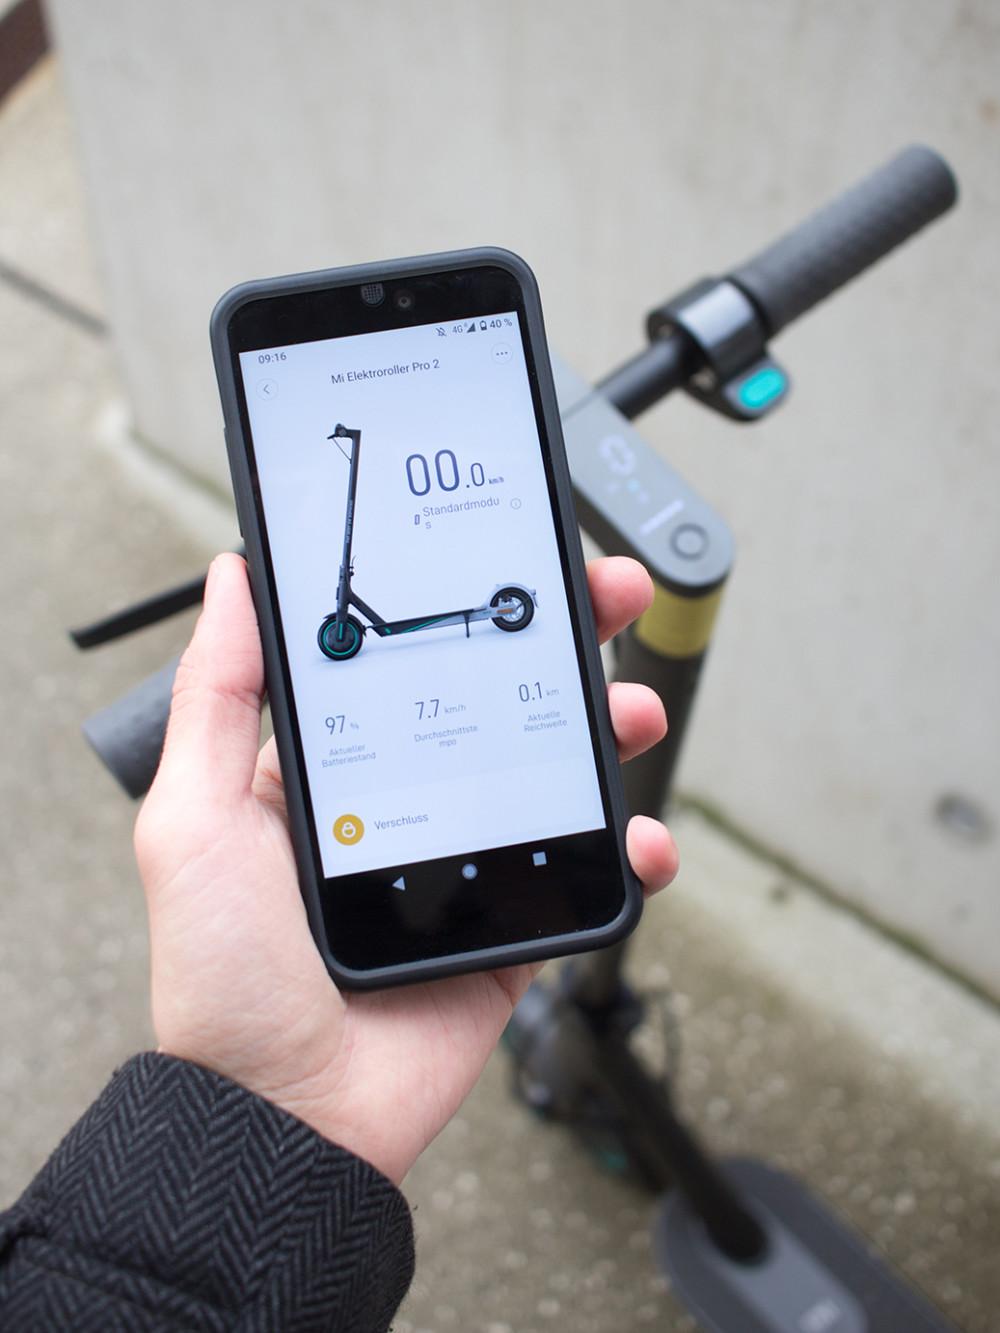 Via App lassen sich die Einstellungen des Xiaomi E-Scooters verändern.